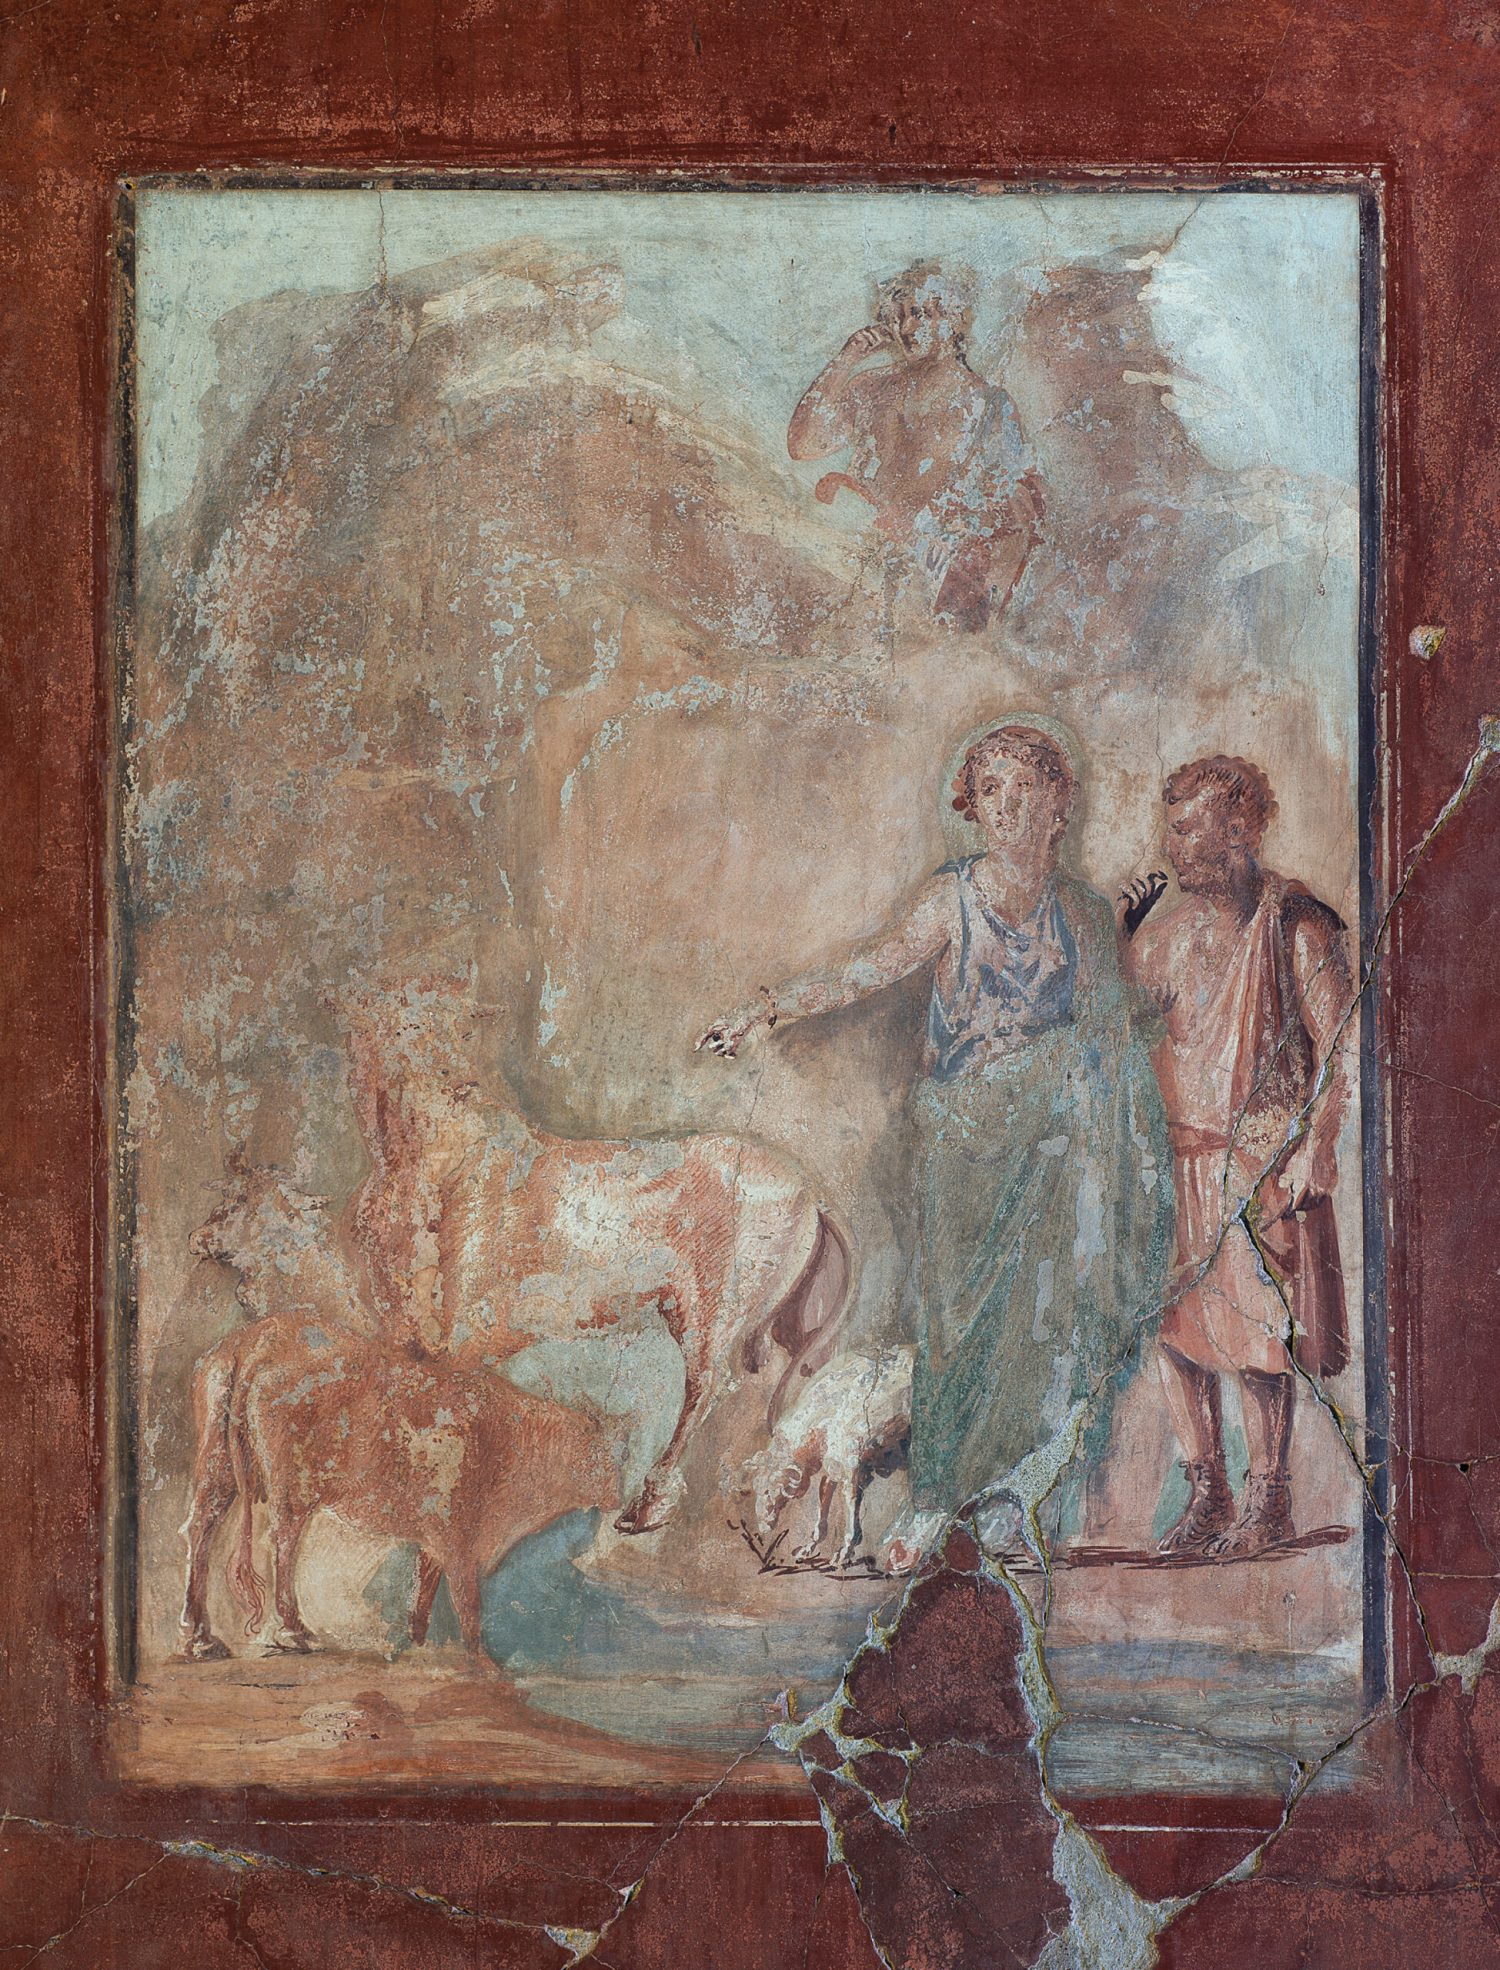 IMAGE: Laura Eboli © J Paul Getty Trust with permission of Parco Archeologico di Ercolano